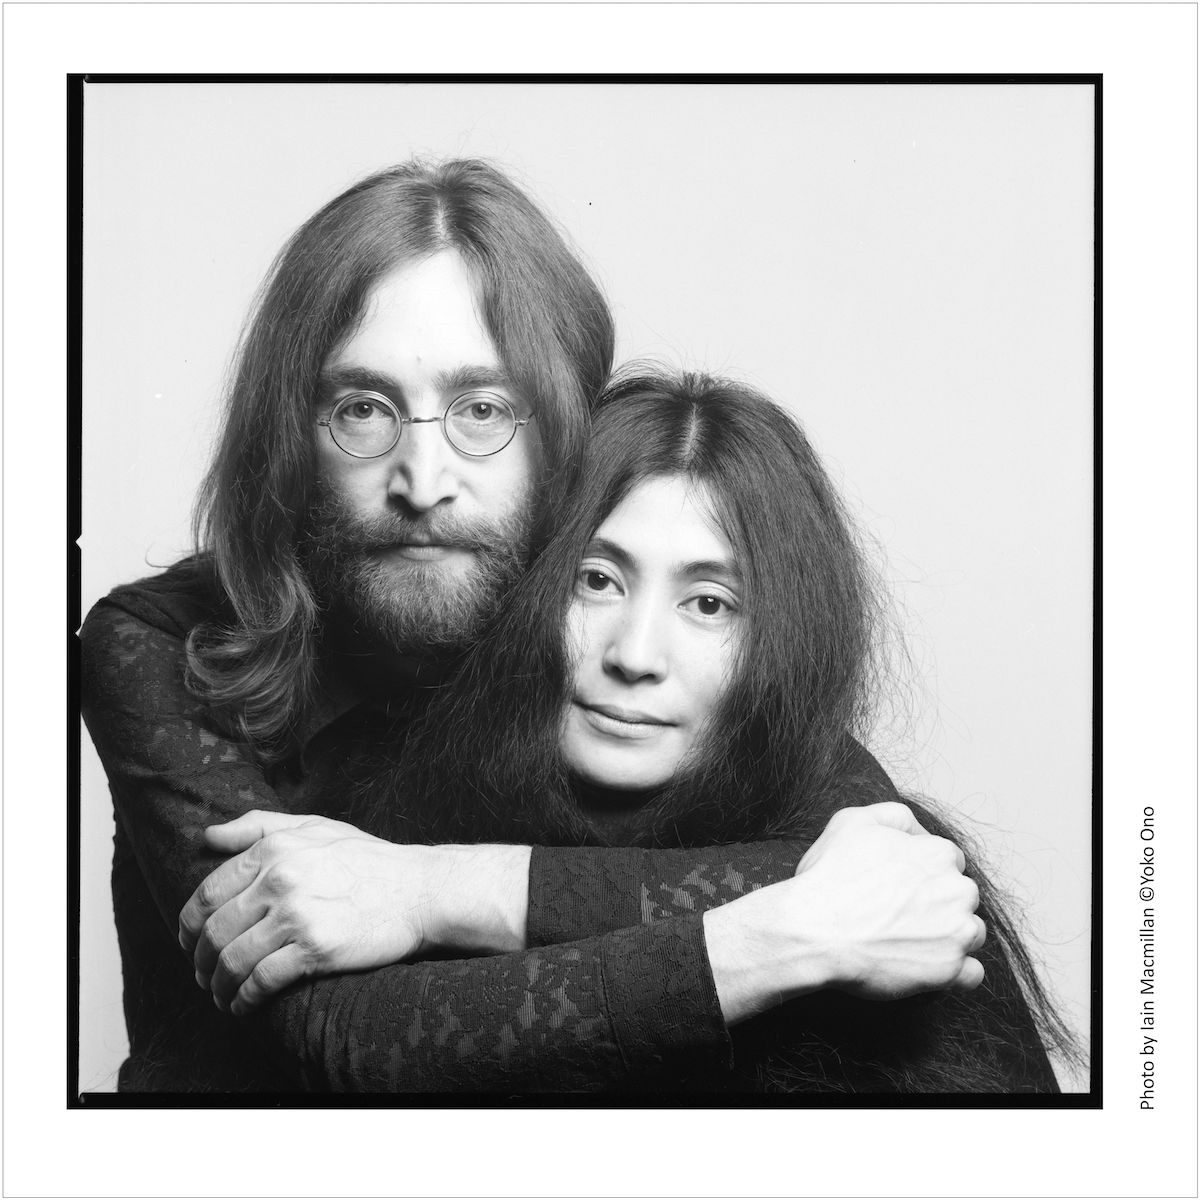 ジョン・レノン&オノ・ヨーコ「DOUBLE FANTASY - John & Yoko」